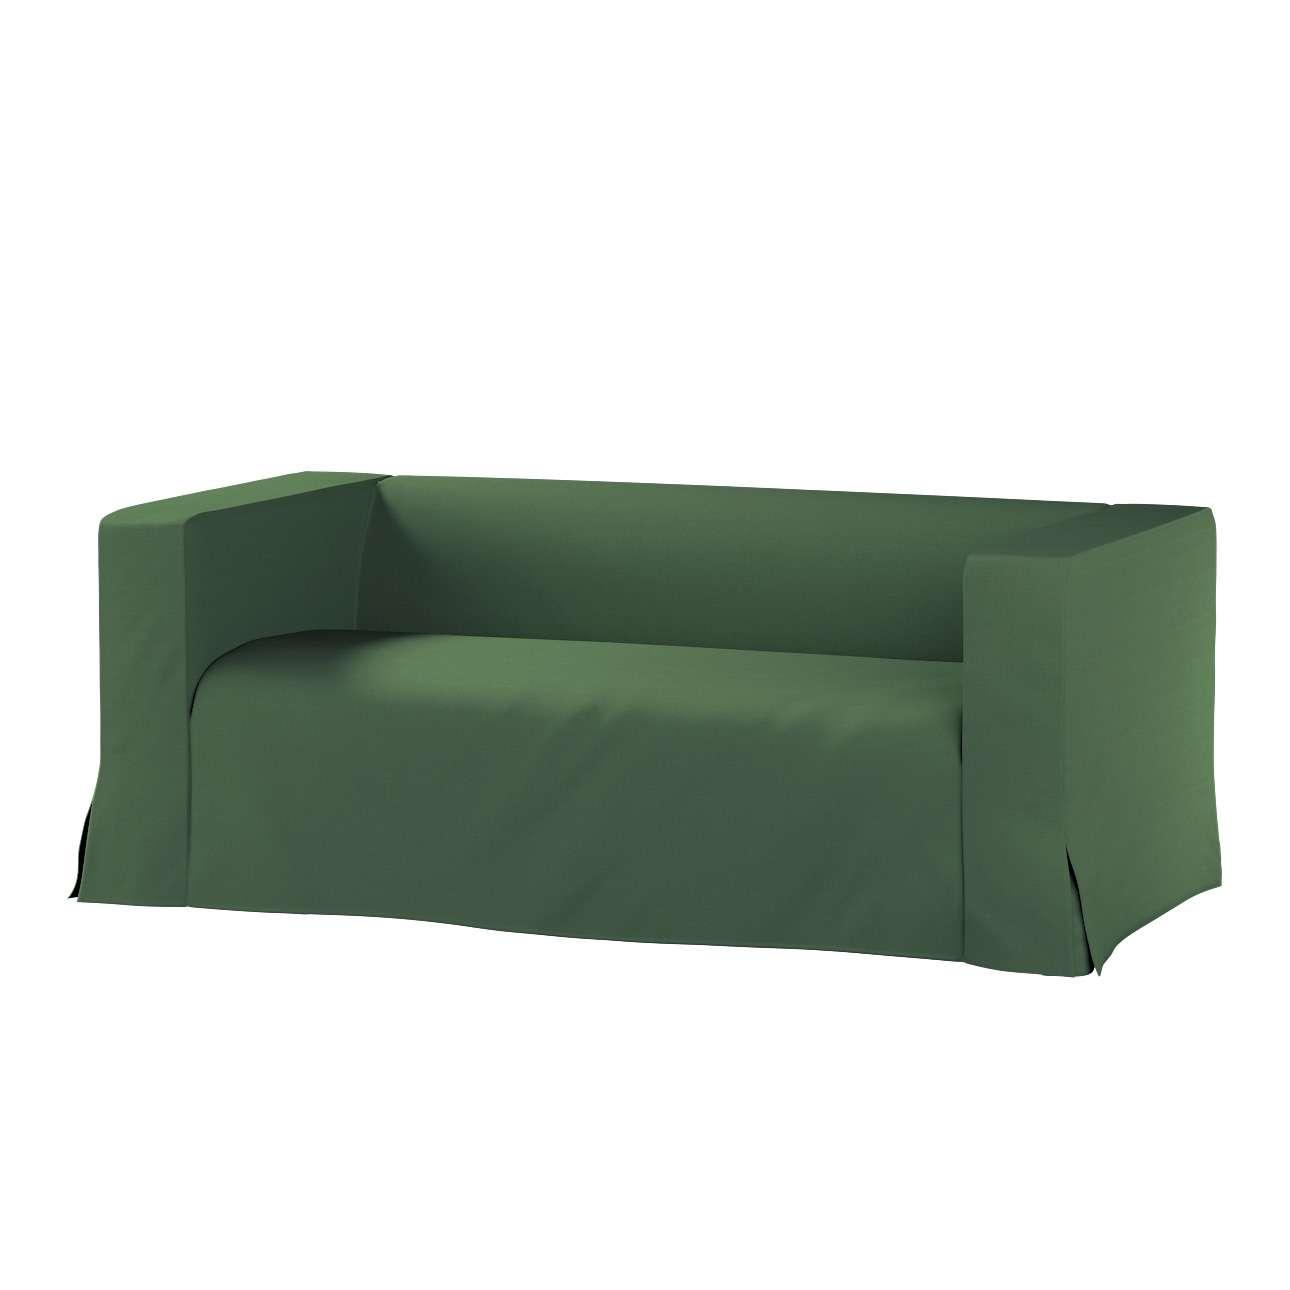 Klippan dvivietės sofos užvalkalas (ilgas, iki žemės) Klippan dvivietės sofos užvalkalas (ilgas, iki žemės) kolekcijoje Cotton Panama, audinys: 702-06